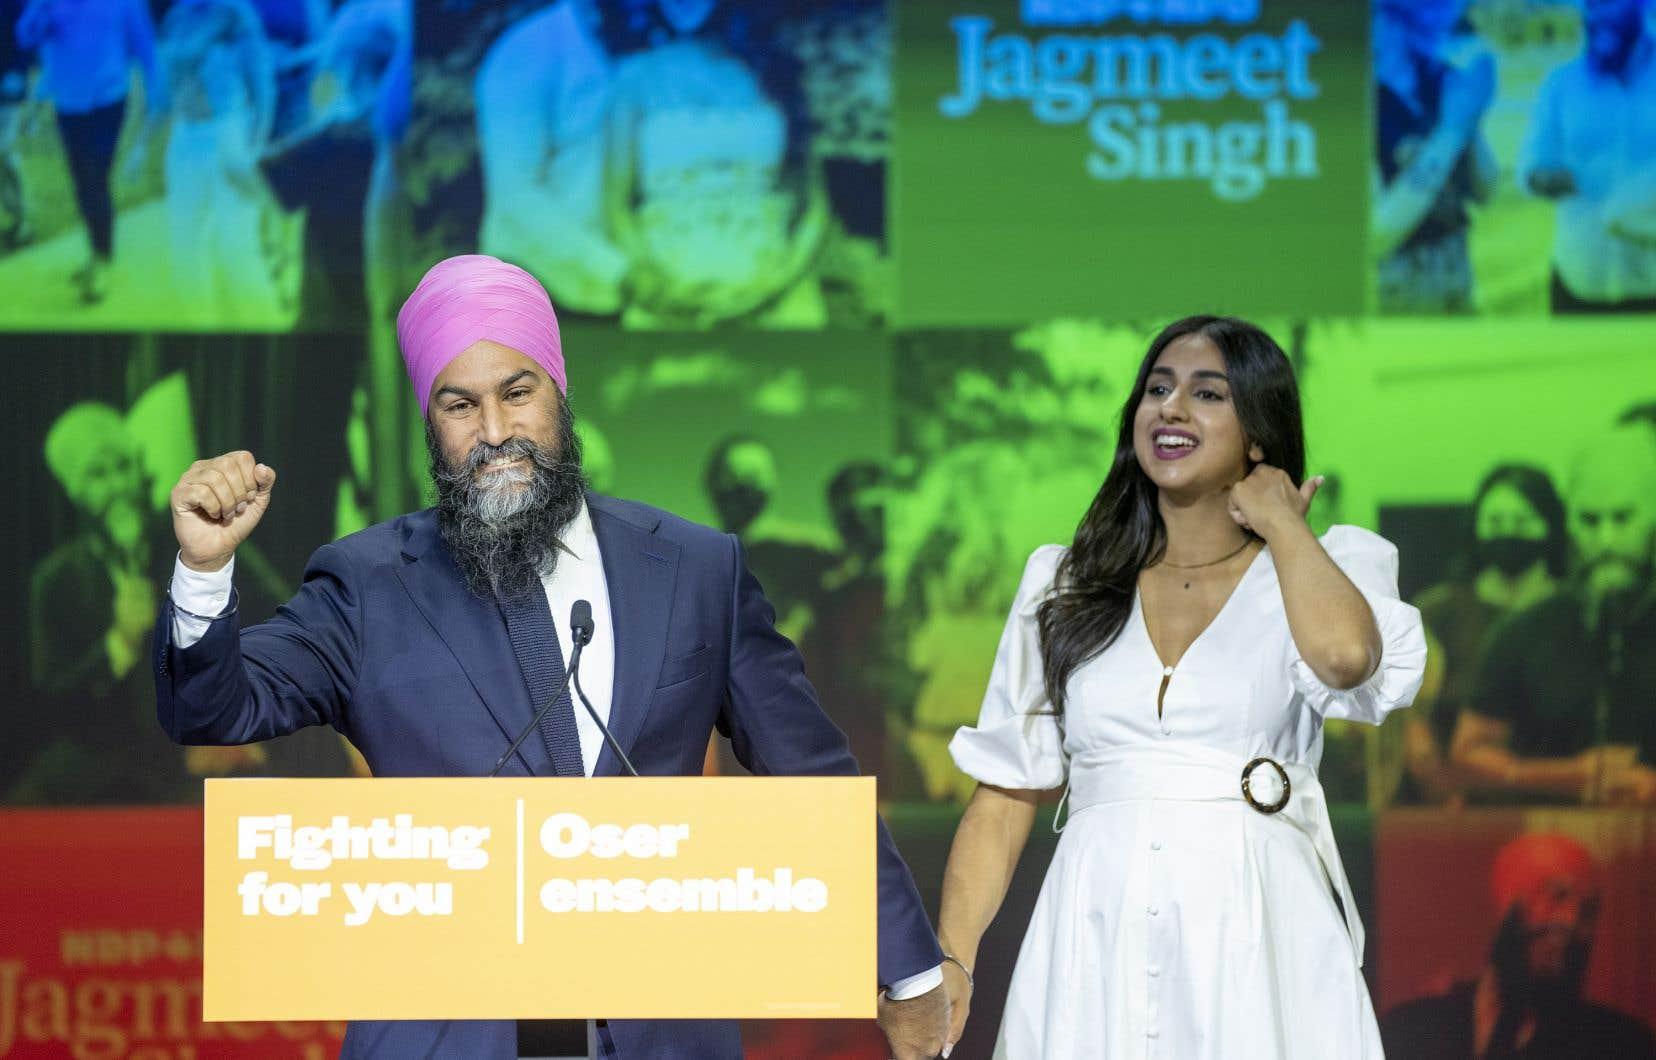 Dans son discours de fin de soirée, Jagmeet Singha martelé à nouveau les thèmes de sa campagne, axés sur la crise climatique, les soins de santé, y compris la santé mentale, les Autochtones et la hausse des taxes pour les «super riches».